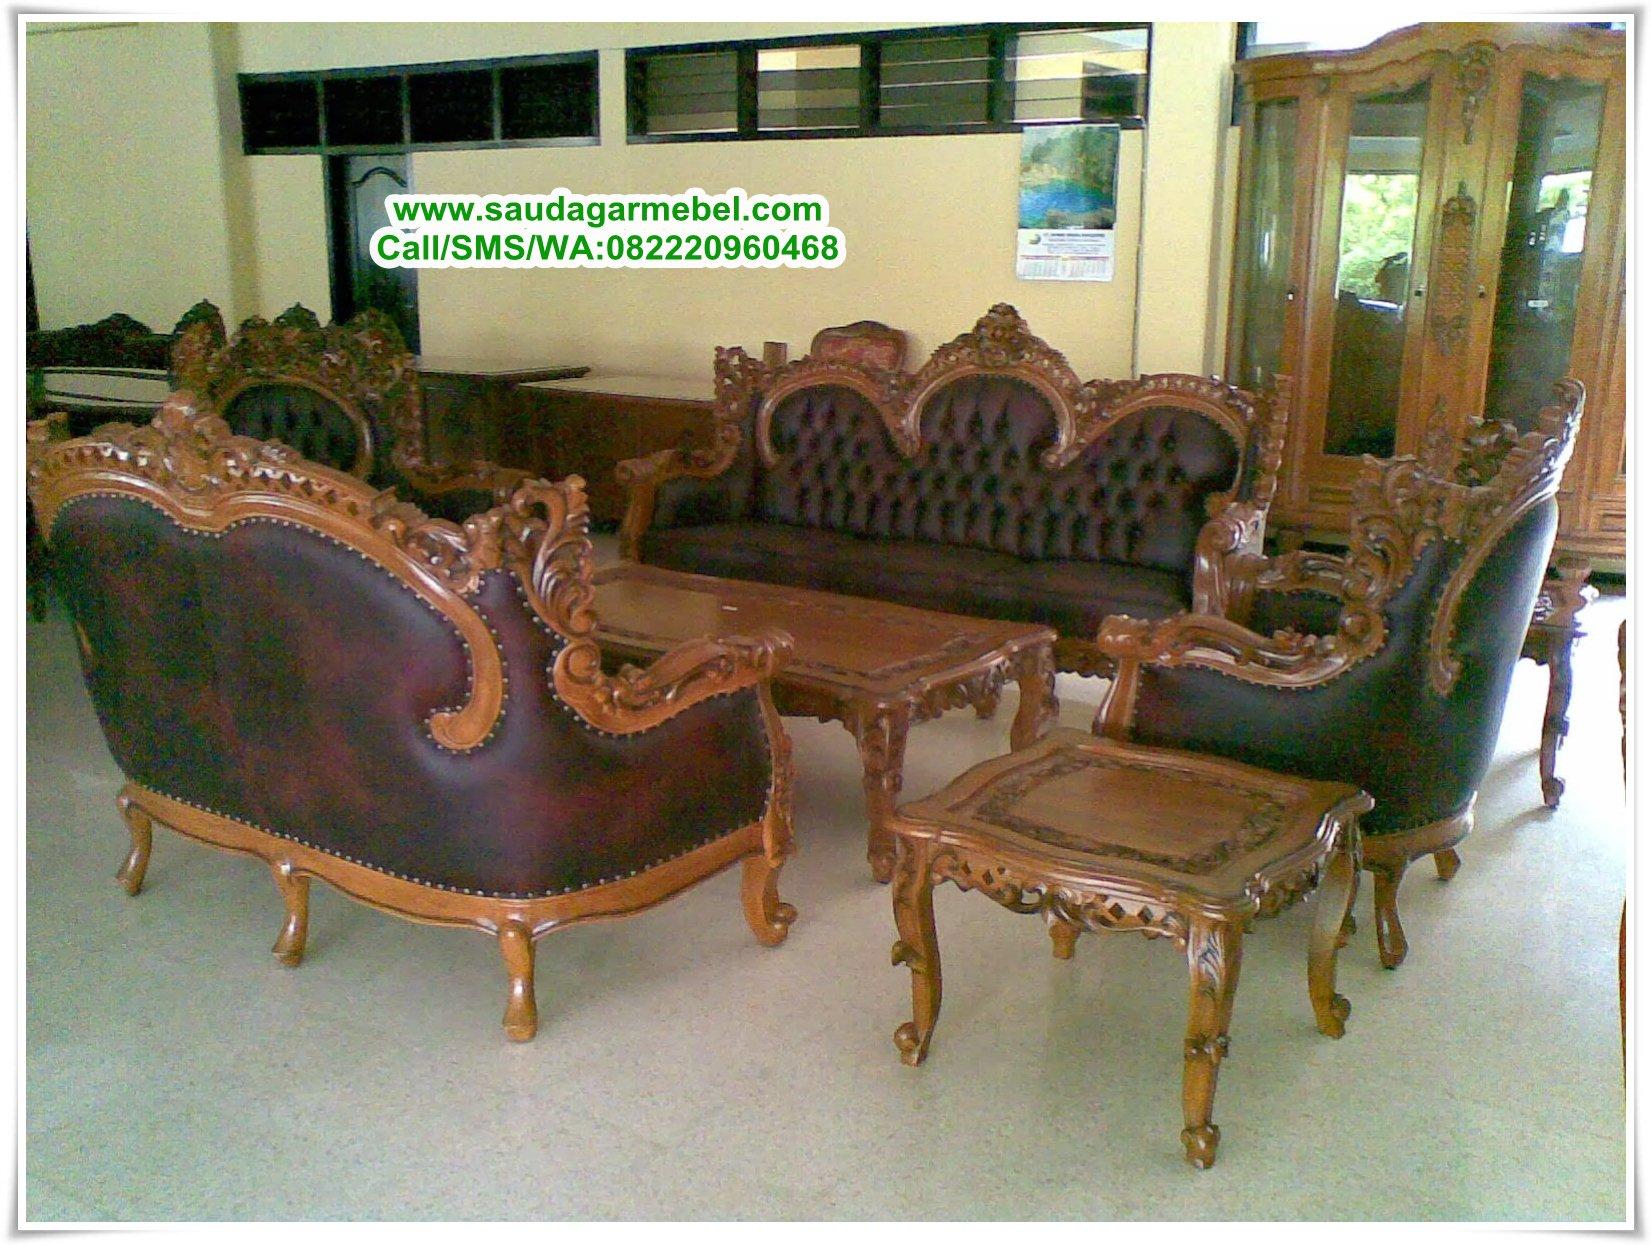 Kursi Sofa Monako Terbaru, kursi tamu mewah waldrof Jepara, set sofa tamu mewah, set sofa tamu, sofa tamu, sofa mewah ruang tamu, set sofa murah, harga sofa ruang tamu minimalis, set sofa untuk ruang tamu kecil, sofa tamu mewah, set sofa tamu jati, set sofa ruang tamu,harga 1 set sofa ruang tamu, kursi sofa tamu, sofa mewah, kursi tamu, harga sofa tamu, kursi sofa, set kursi tamu mewah, kursi tamu mewah, set kursi tamu, sofa ruang tamu modern, sofa ruang tamu terbaru, kursi sofa sederhana, model sofa ruang tamu, jual sofa ruang tamu, sofa 1 juta, mebel jepara, furniture jepara, toko furniture online, mebel jepara online, Mebel Minimalis Jepara, saudagar Mebel, furniture pontianak, furniture malang, furniture jakarta, harga kursi sofa jakarta, furniture samarinda, furniture palembang, furniture medan, furniture lombok, furniture bekasi, furniture kalteng, furniture papua